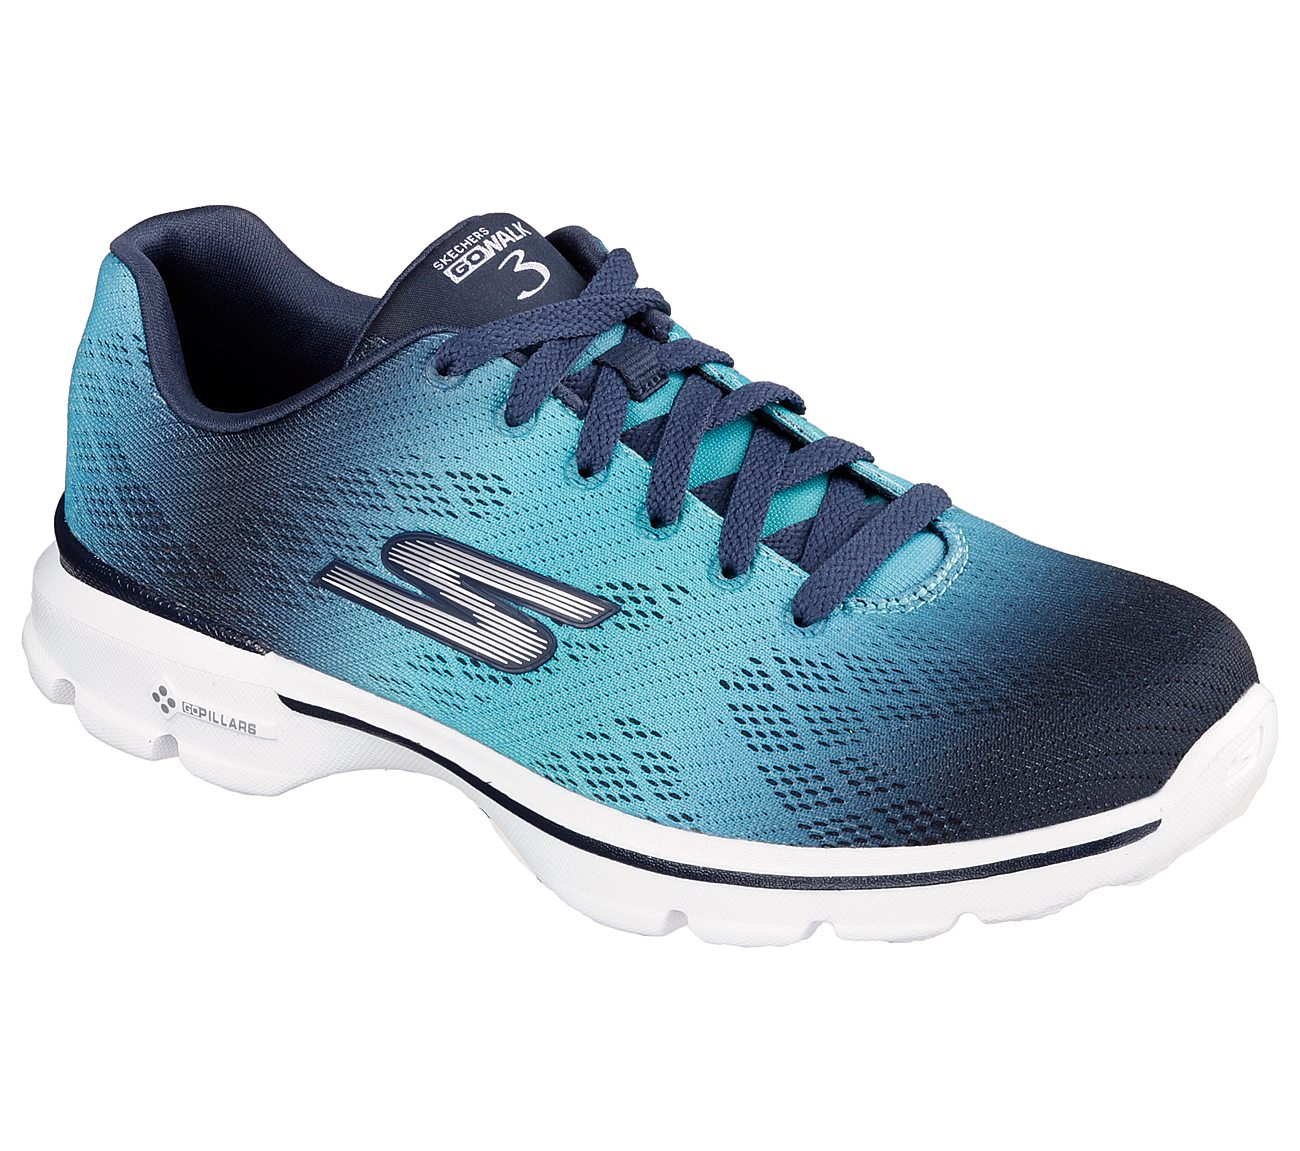 Skechers Women's GOwalk 3 Walking Shoes Navy/Aqua F49n8480